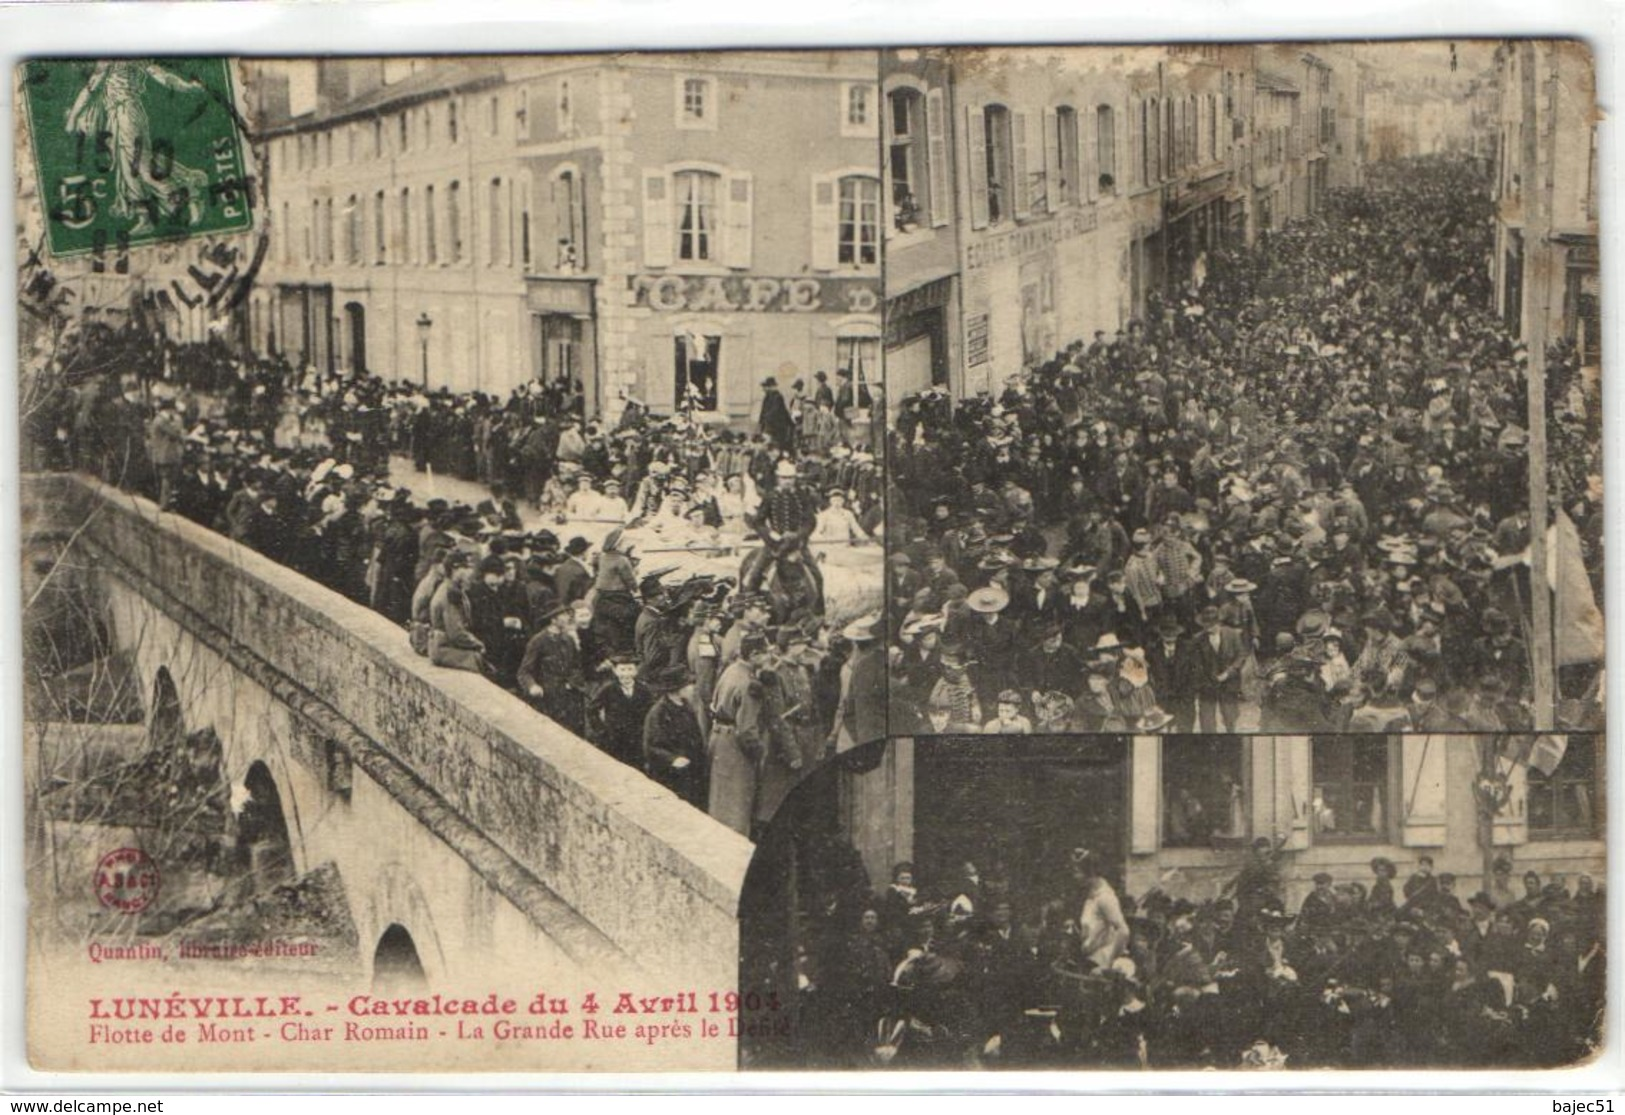 1 Cpa Lunéville - Cavalcade Du 4 Avril 1904 - Flotte De Mont - Char Romain - Luneville